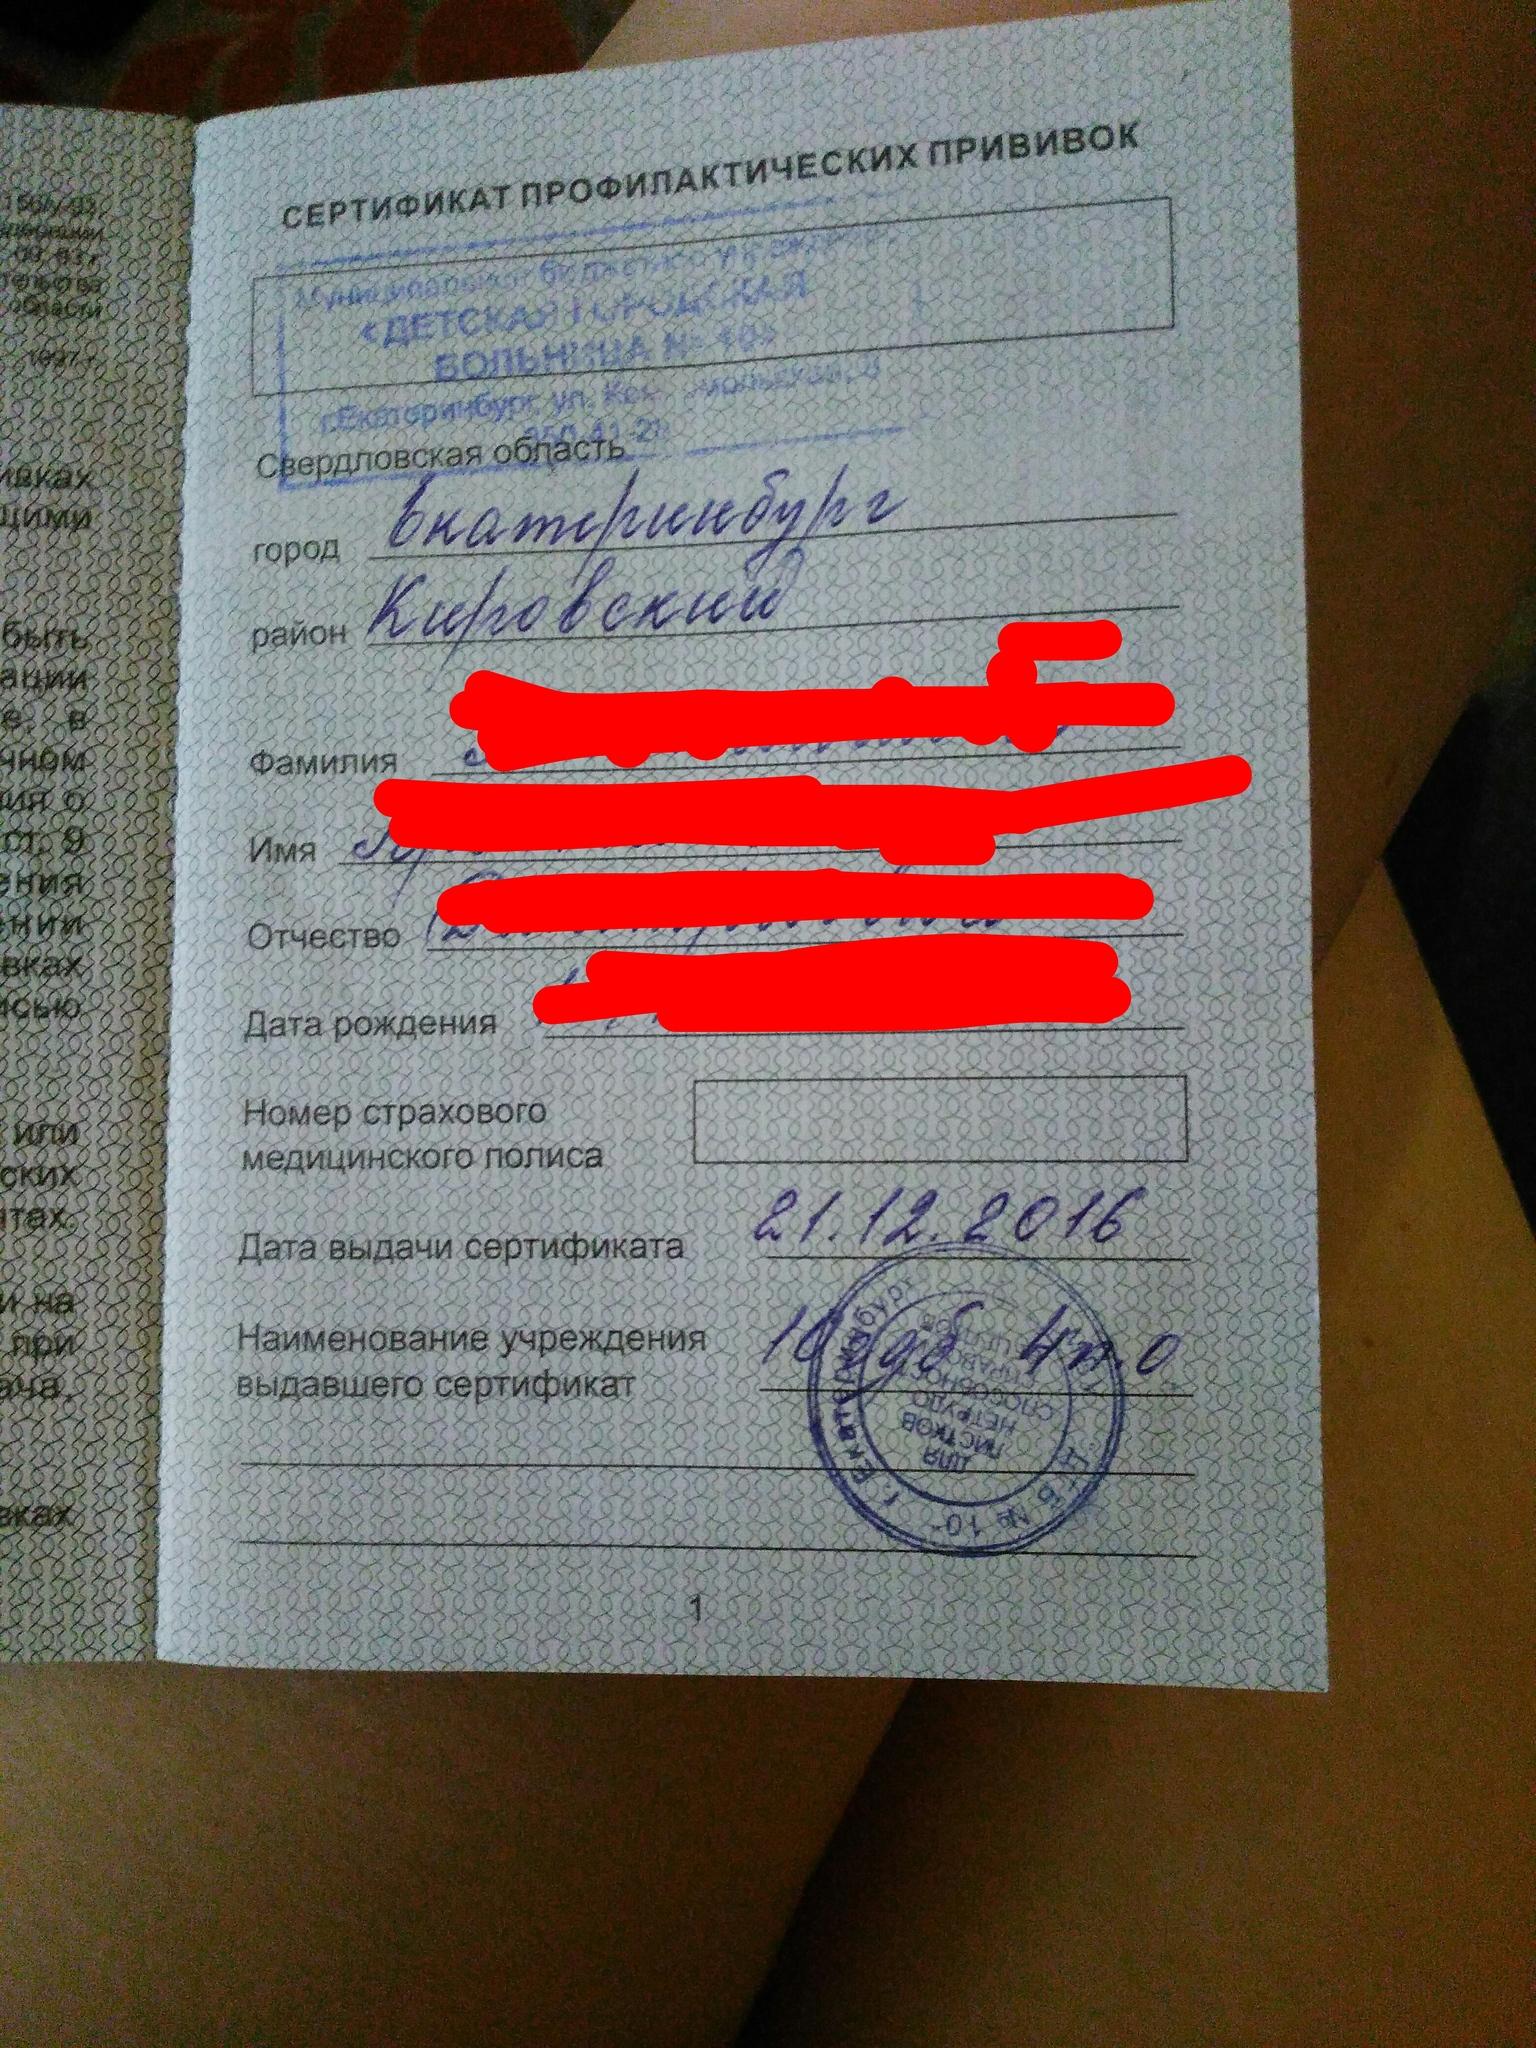 фото прививочный сертификат